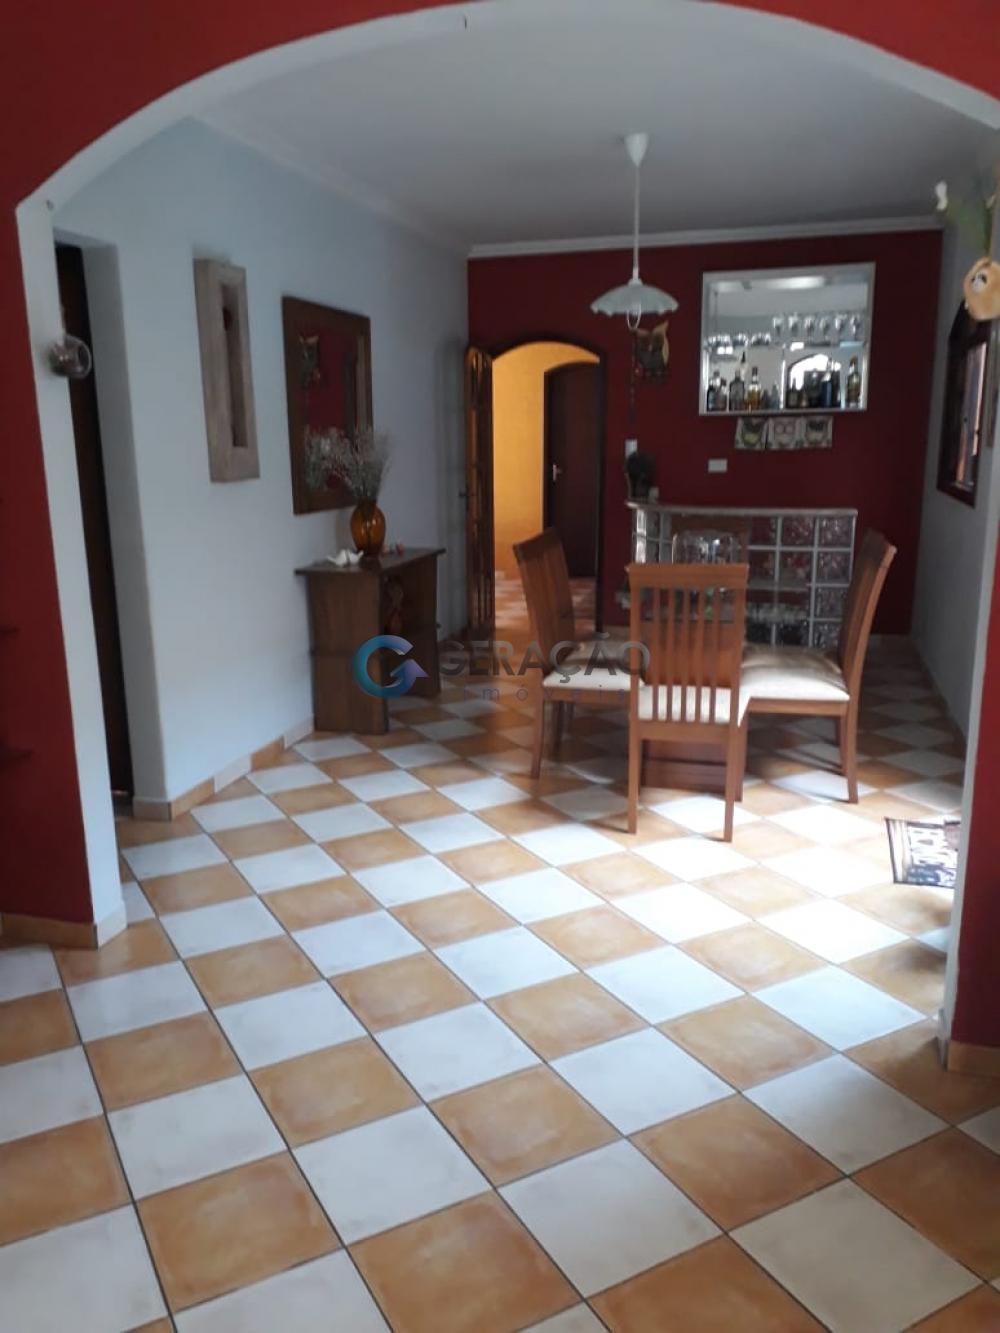 Comprar Casa / Padrão em São José dos Campos apenas R$ 500.000,00 - Foto 1